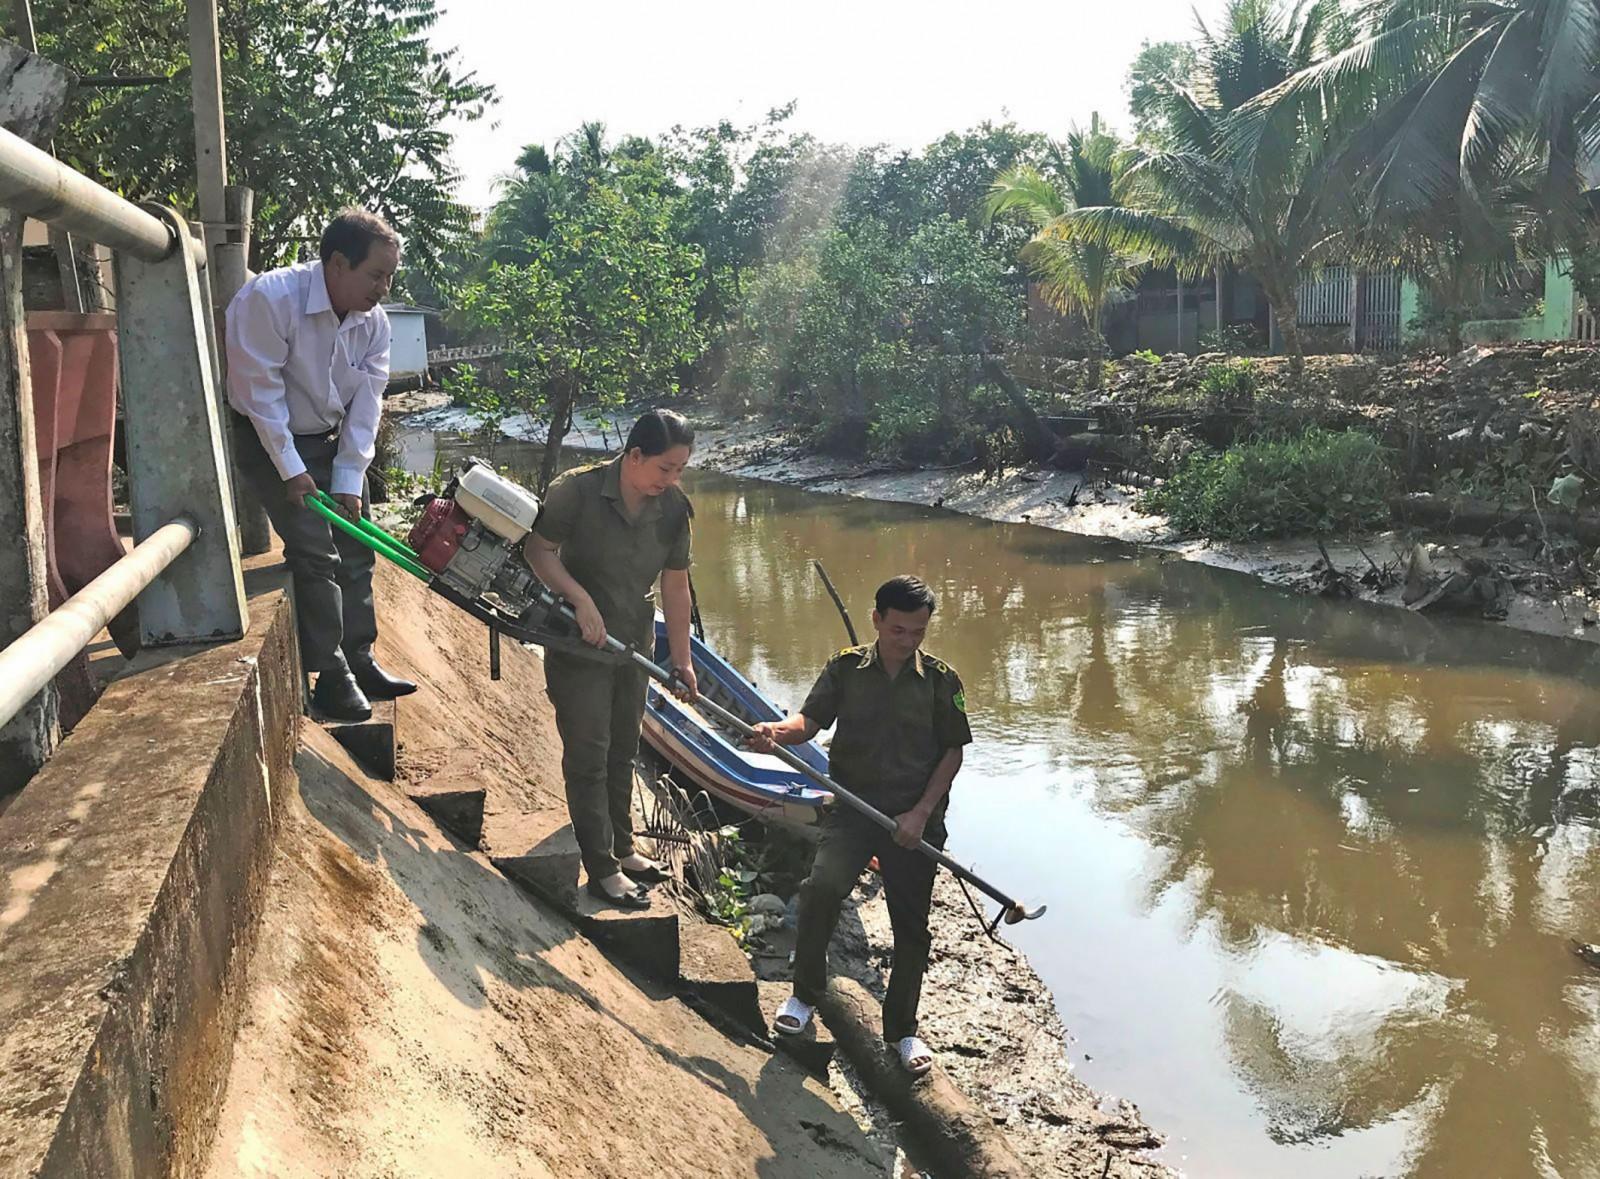 HND xã Giai Xuân vận động kinh phí trang bị máy, vỏ lãi, giúp công tác tuần tra trên sông của lực lượng công an xã thuận lợi hơn, giữ vững ANTT địa bàn. Ảnh: KIỀU CHINH